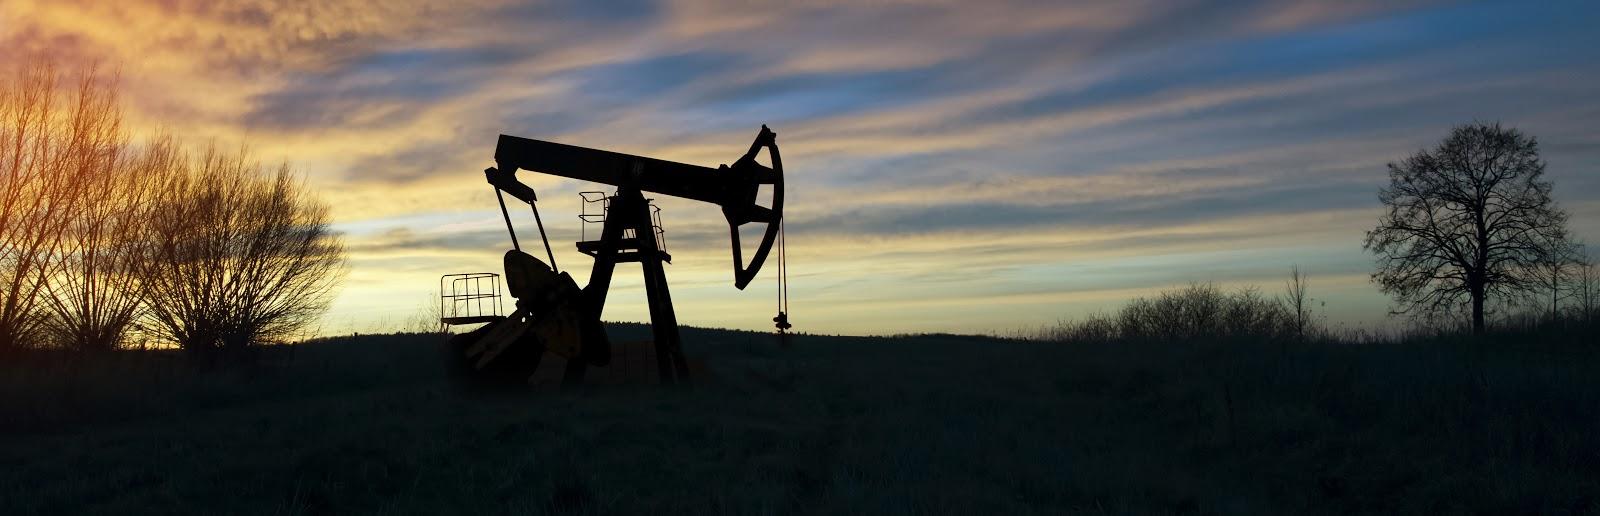 Φυσικό Αέριο Εγκατάσταση. Τι είναι το φυσικό αέριο και ποια τα πλεονεκτήματά του;